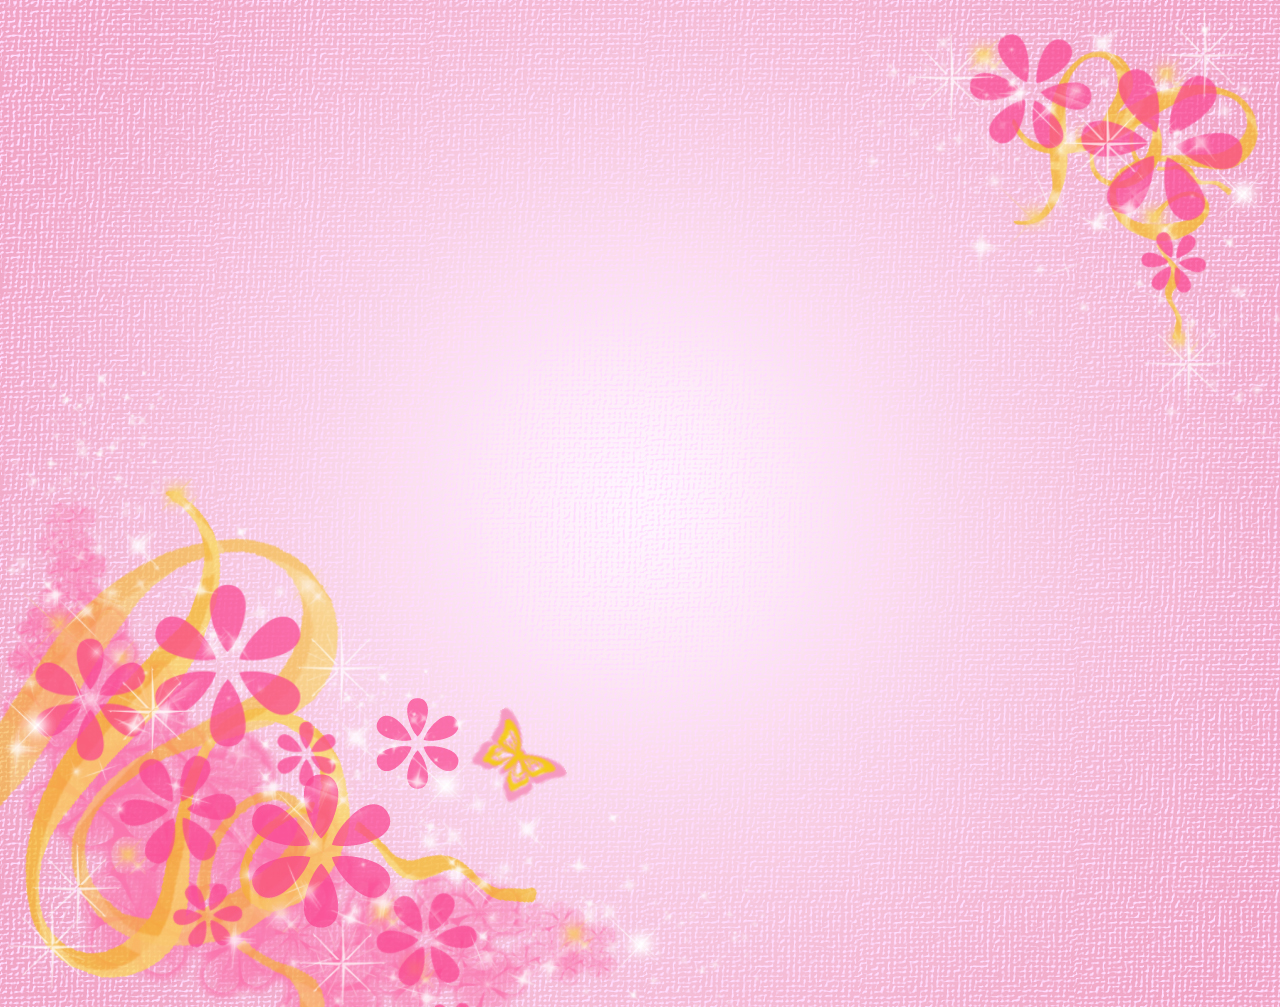 Pink floral frame PPT Backgrounds